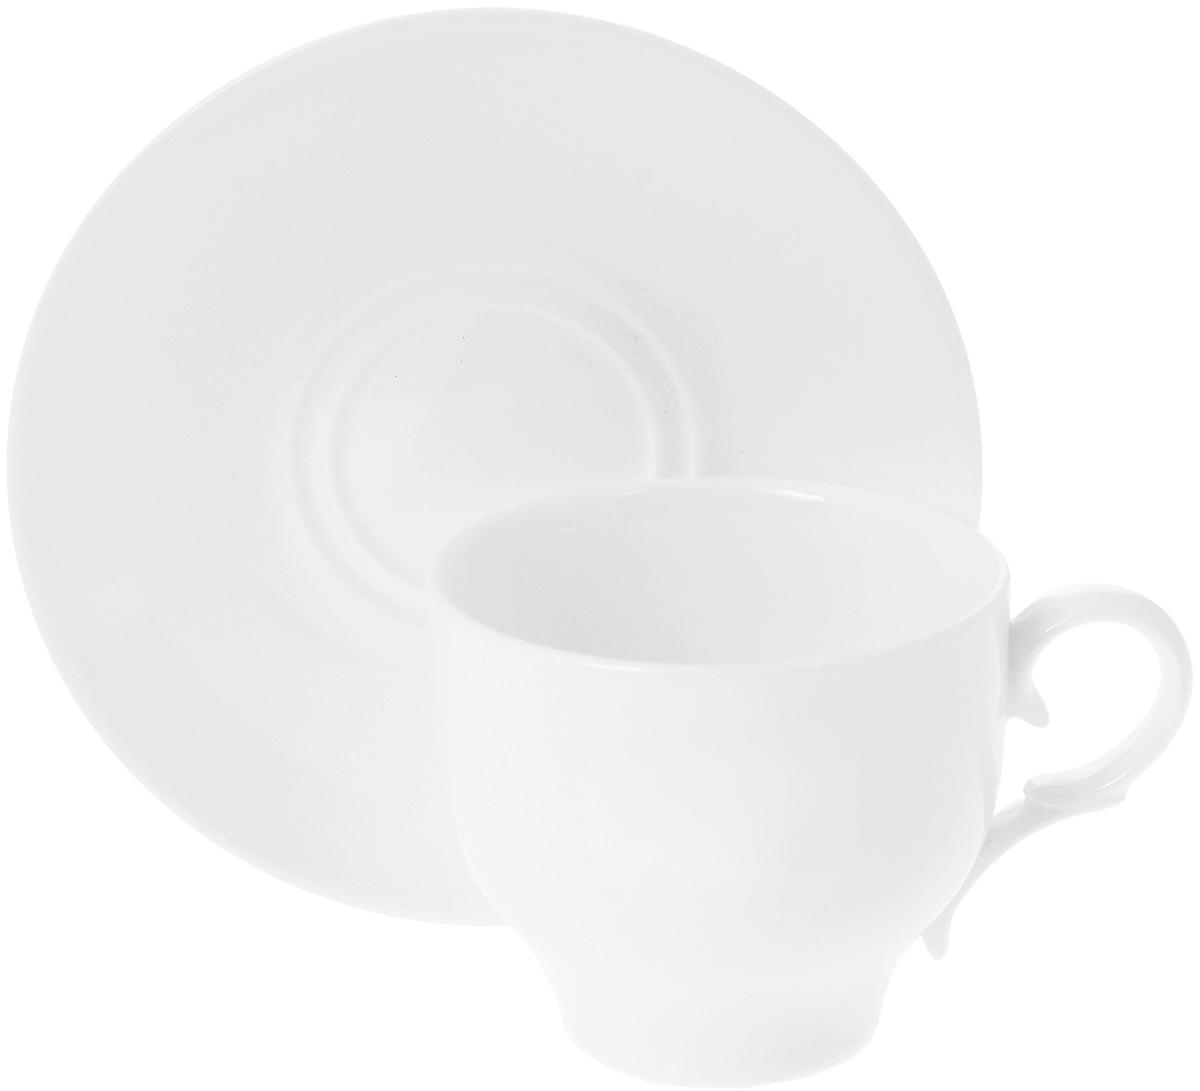 Чайная пара Wilmax, 2 предмета. WL-993009115510Чайная пара Wilmax состоит из чашки и блюдца, выполненных из высококачественного фарфора и оформленных в классическом стиле. Оригинальный дизайн обязательно придется вам по вкусу. Чайная пара Wilmax украсит ваш кухонный стол, а также станет замечательным подарком к любому празднику.Объем чашки: 220 мл.Диаметр чашки (по верхнему краю): 8 см.Диаметр основания чашки: 4,5 см.Высота чашки: 7 см.Диаметр блюдца: 14 см.